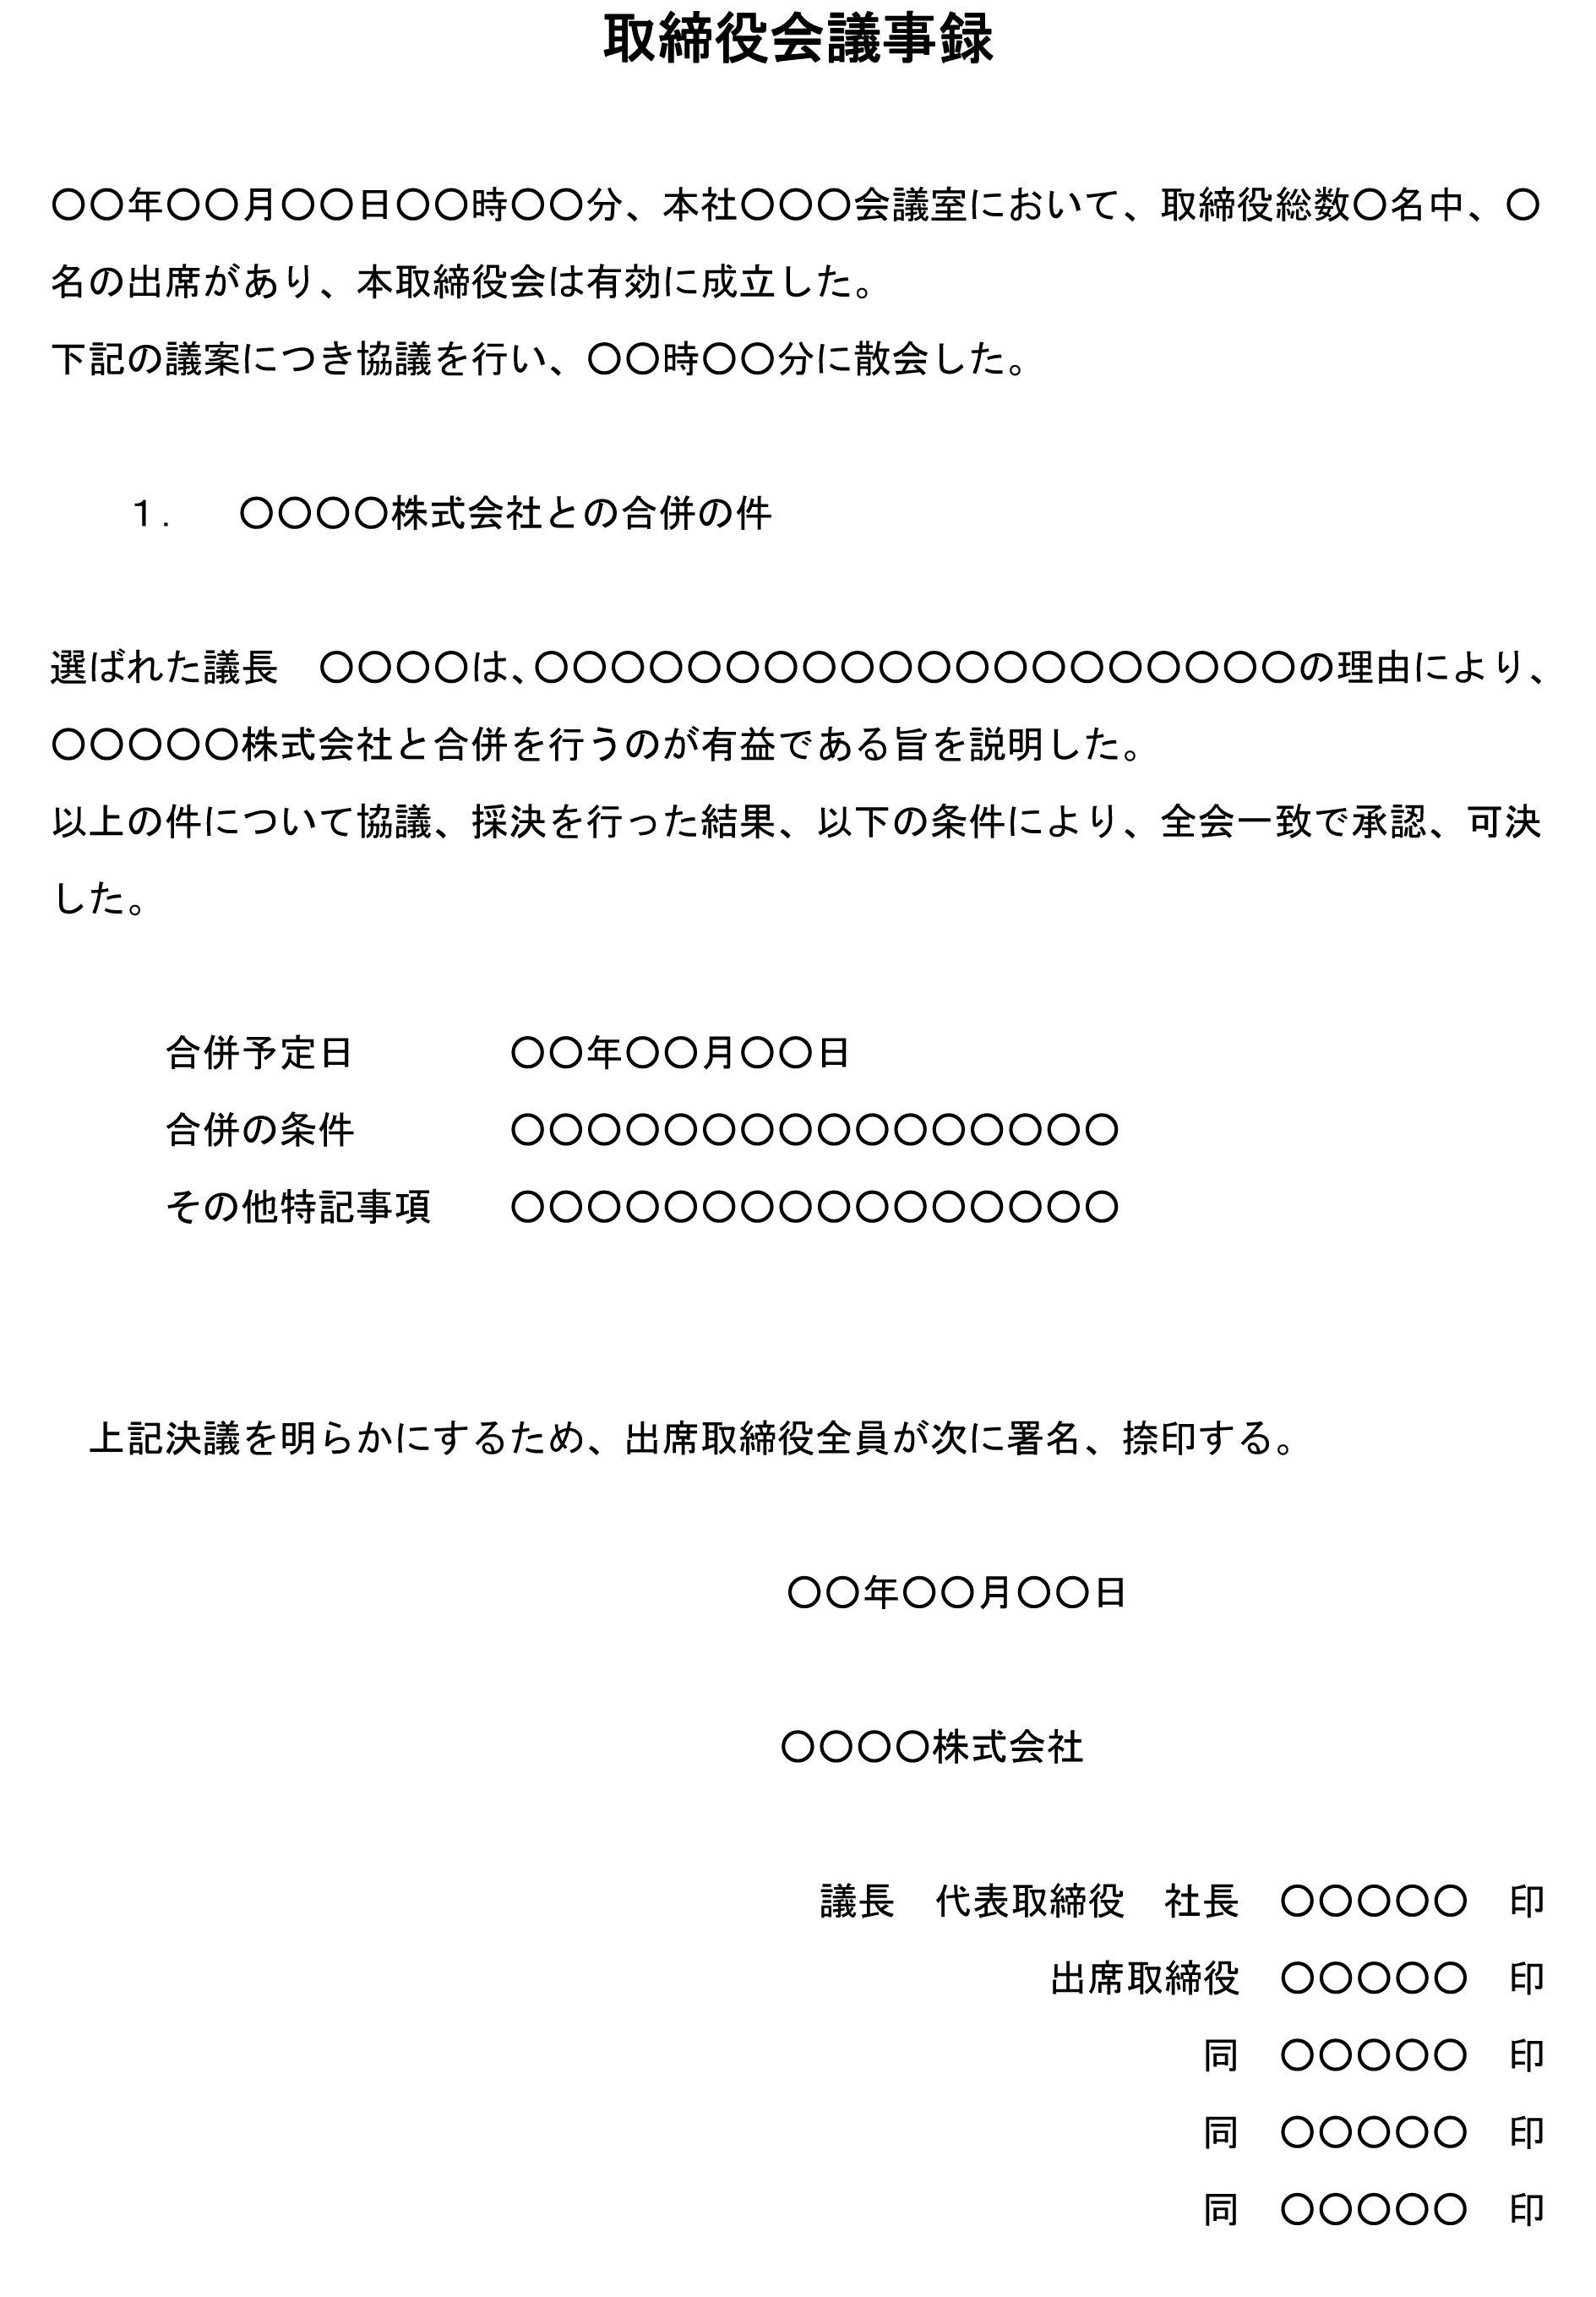 取締役会議事録(他社との合併)_2